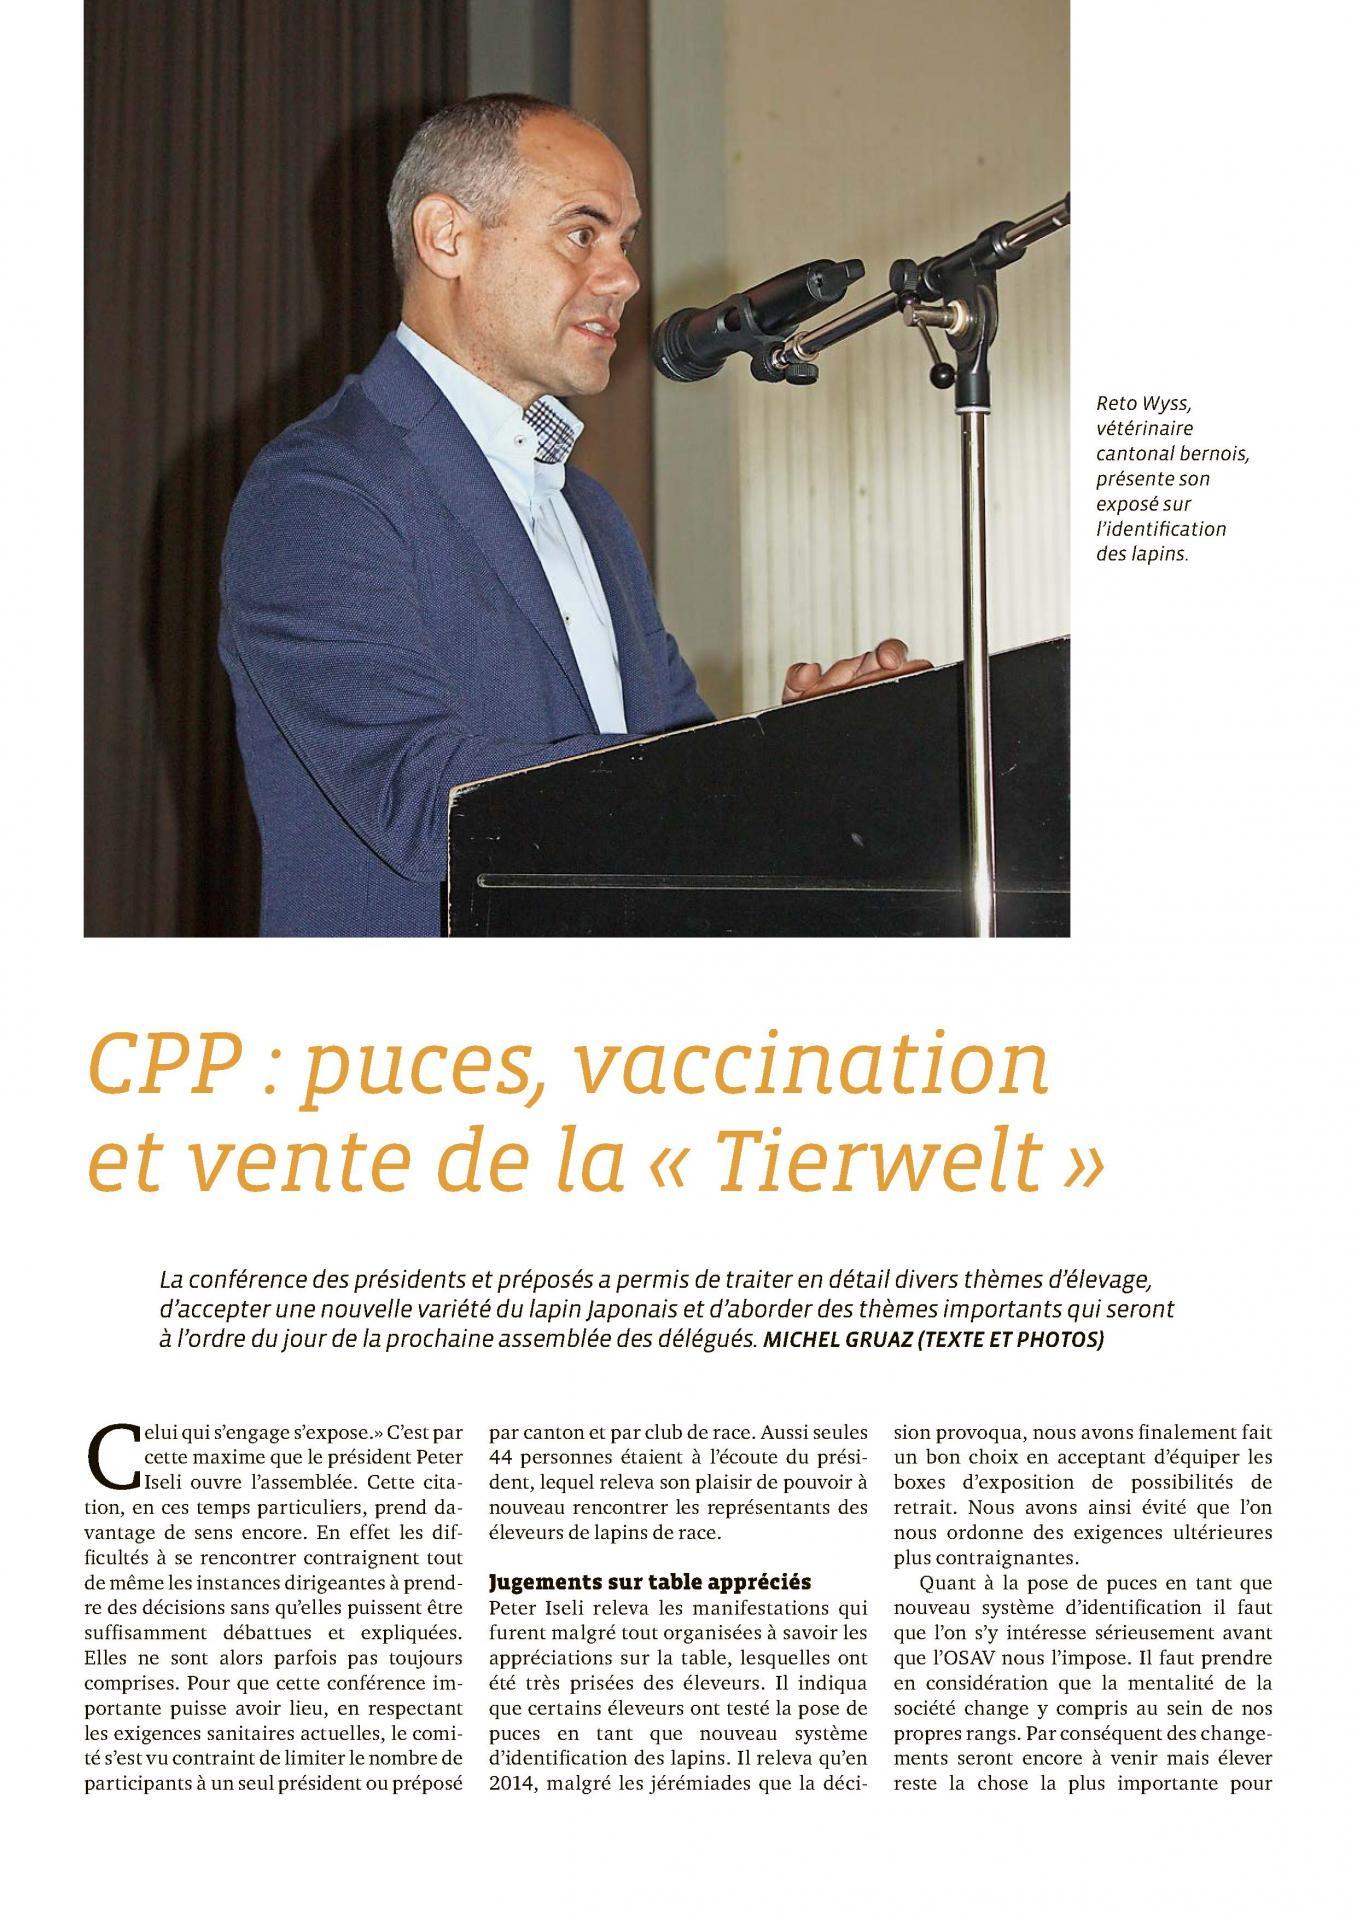 Puces vaccination et vente de la tierwelt 1